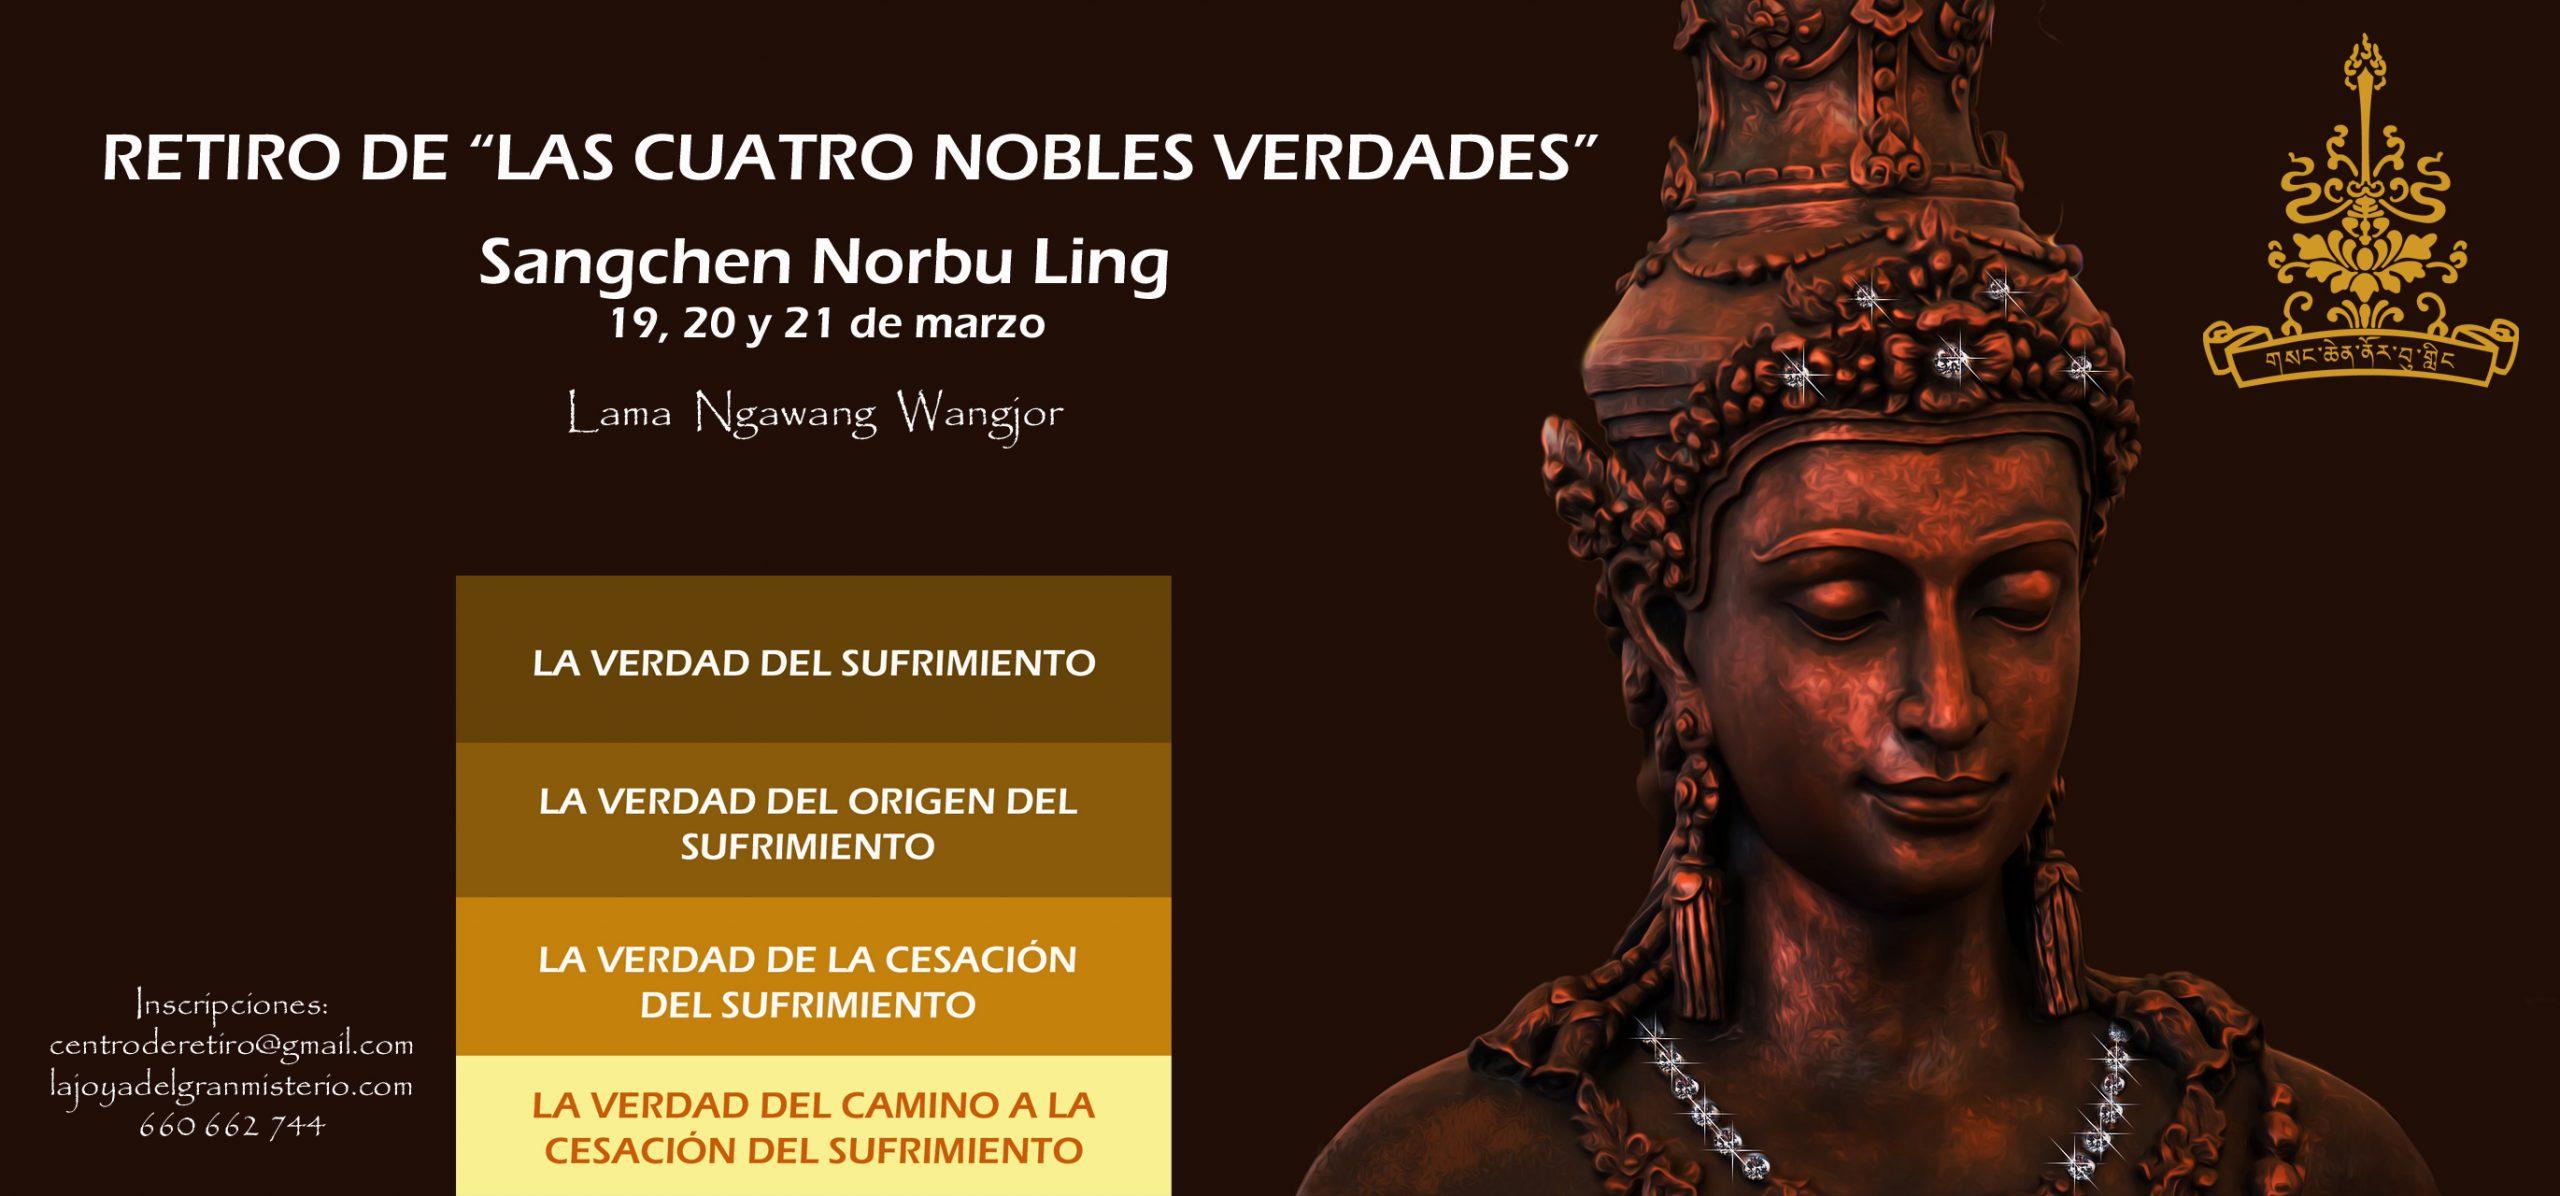 """RETIRO BASADO EN LAS ENSEÑANZAS DE """"LAS 4 NOBLES VERDADES"""", presencial y online, 19 al 21 de marzo @ Centro de retiros Sangchen Norbu Ling"""